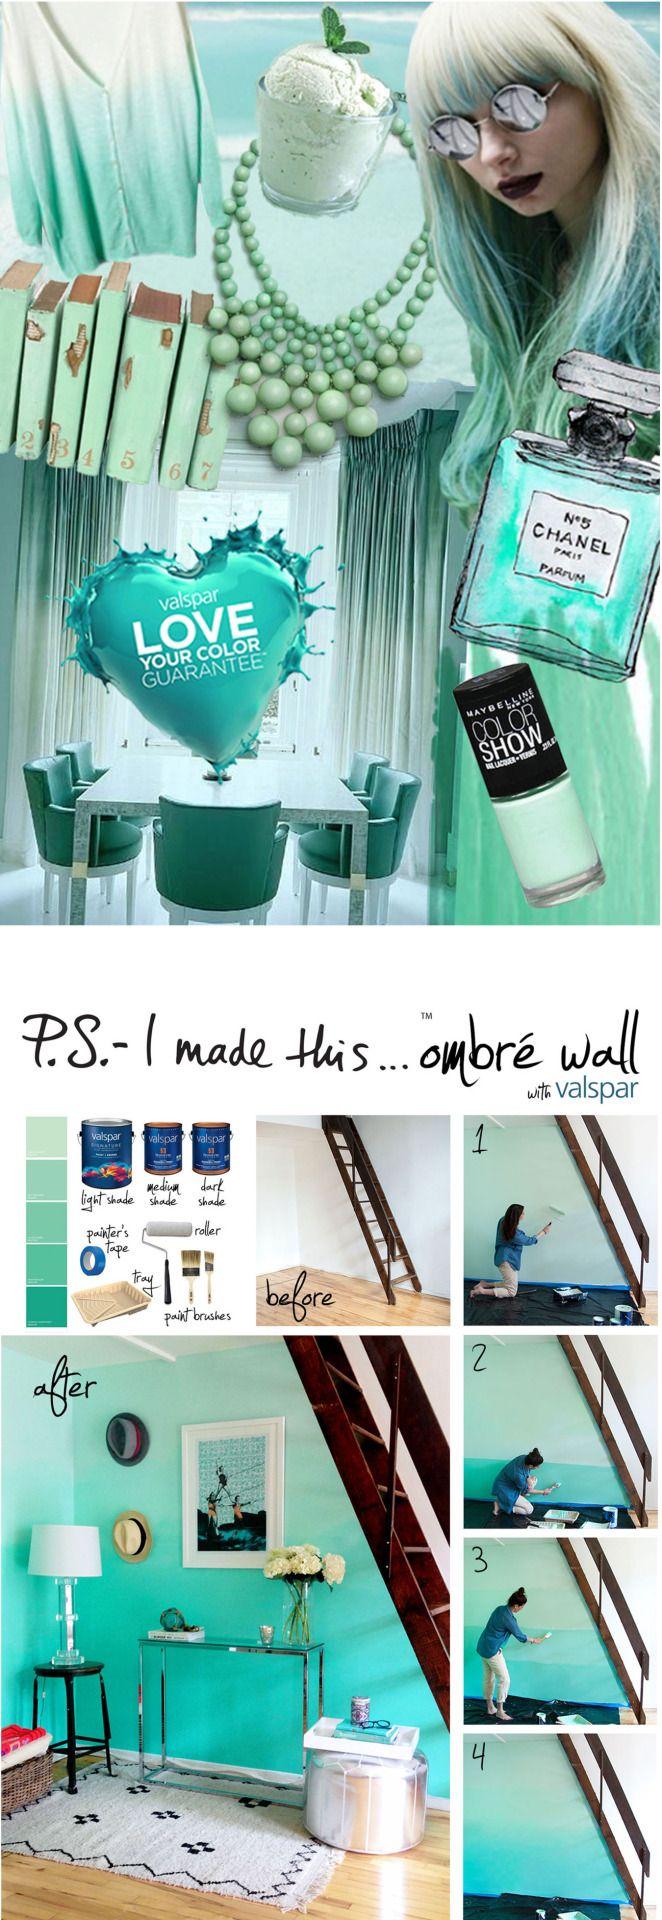 Jodidamente adorable y ultra necesario para redecorar la casa.